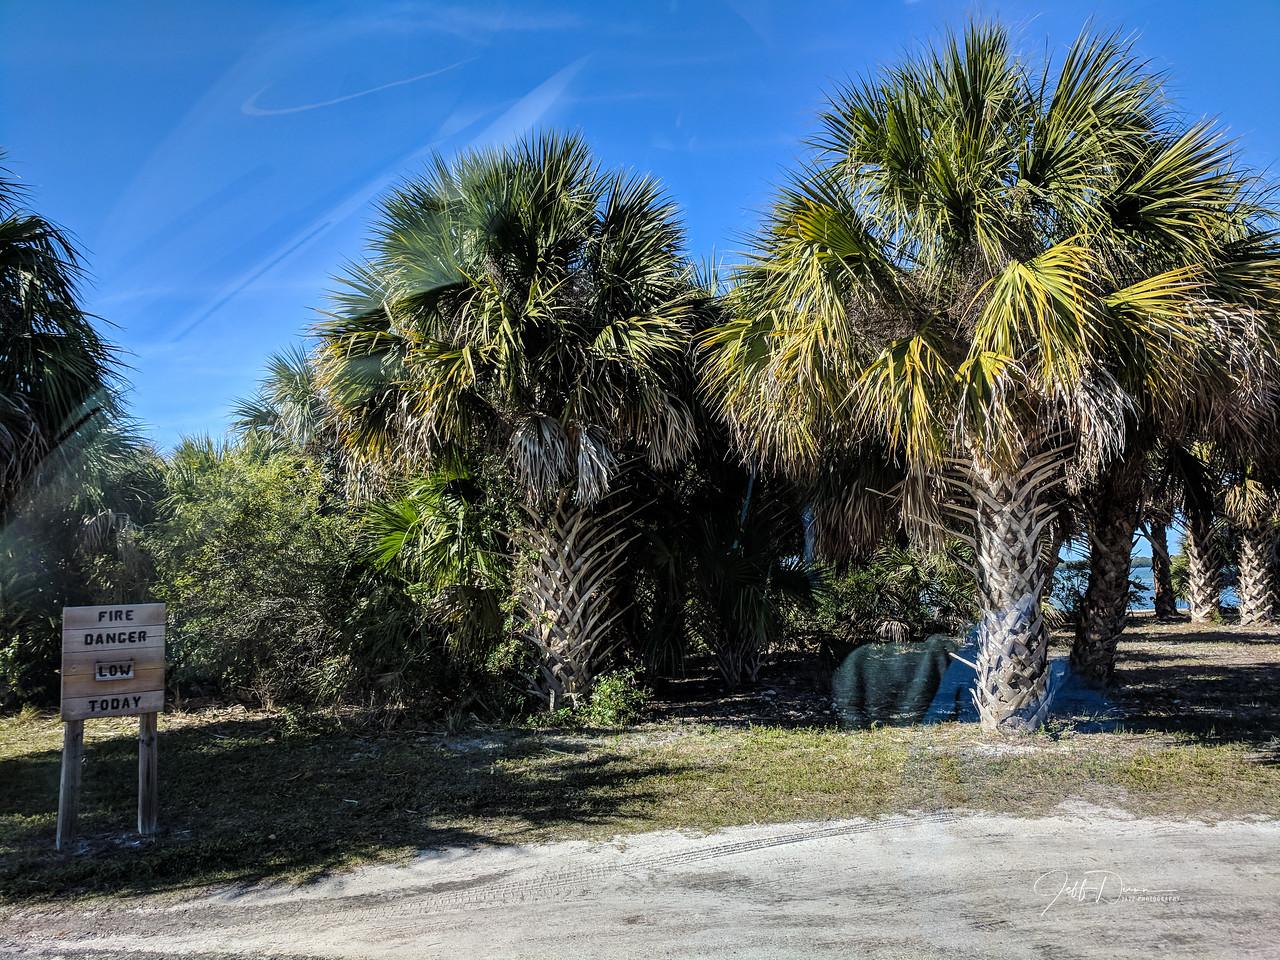 Florida Vacation - Tampa 1-31-2018